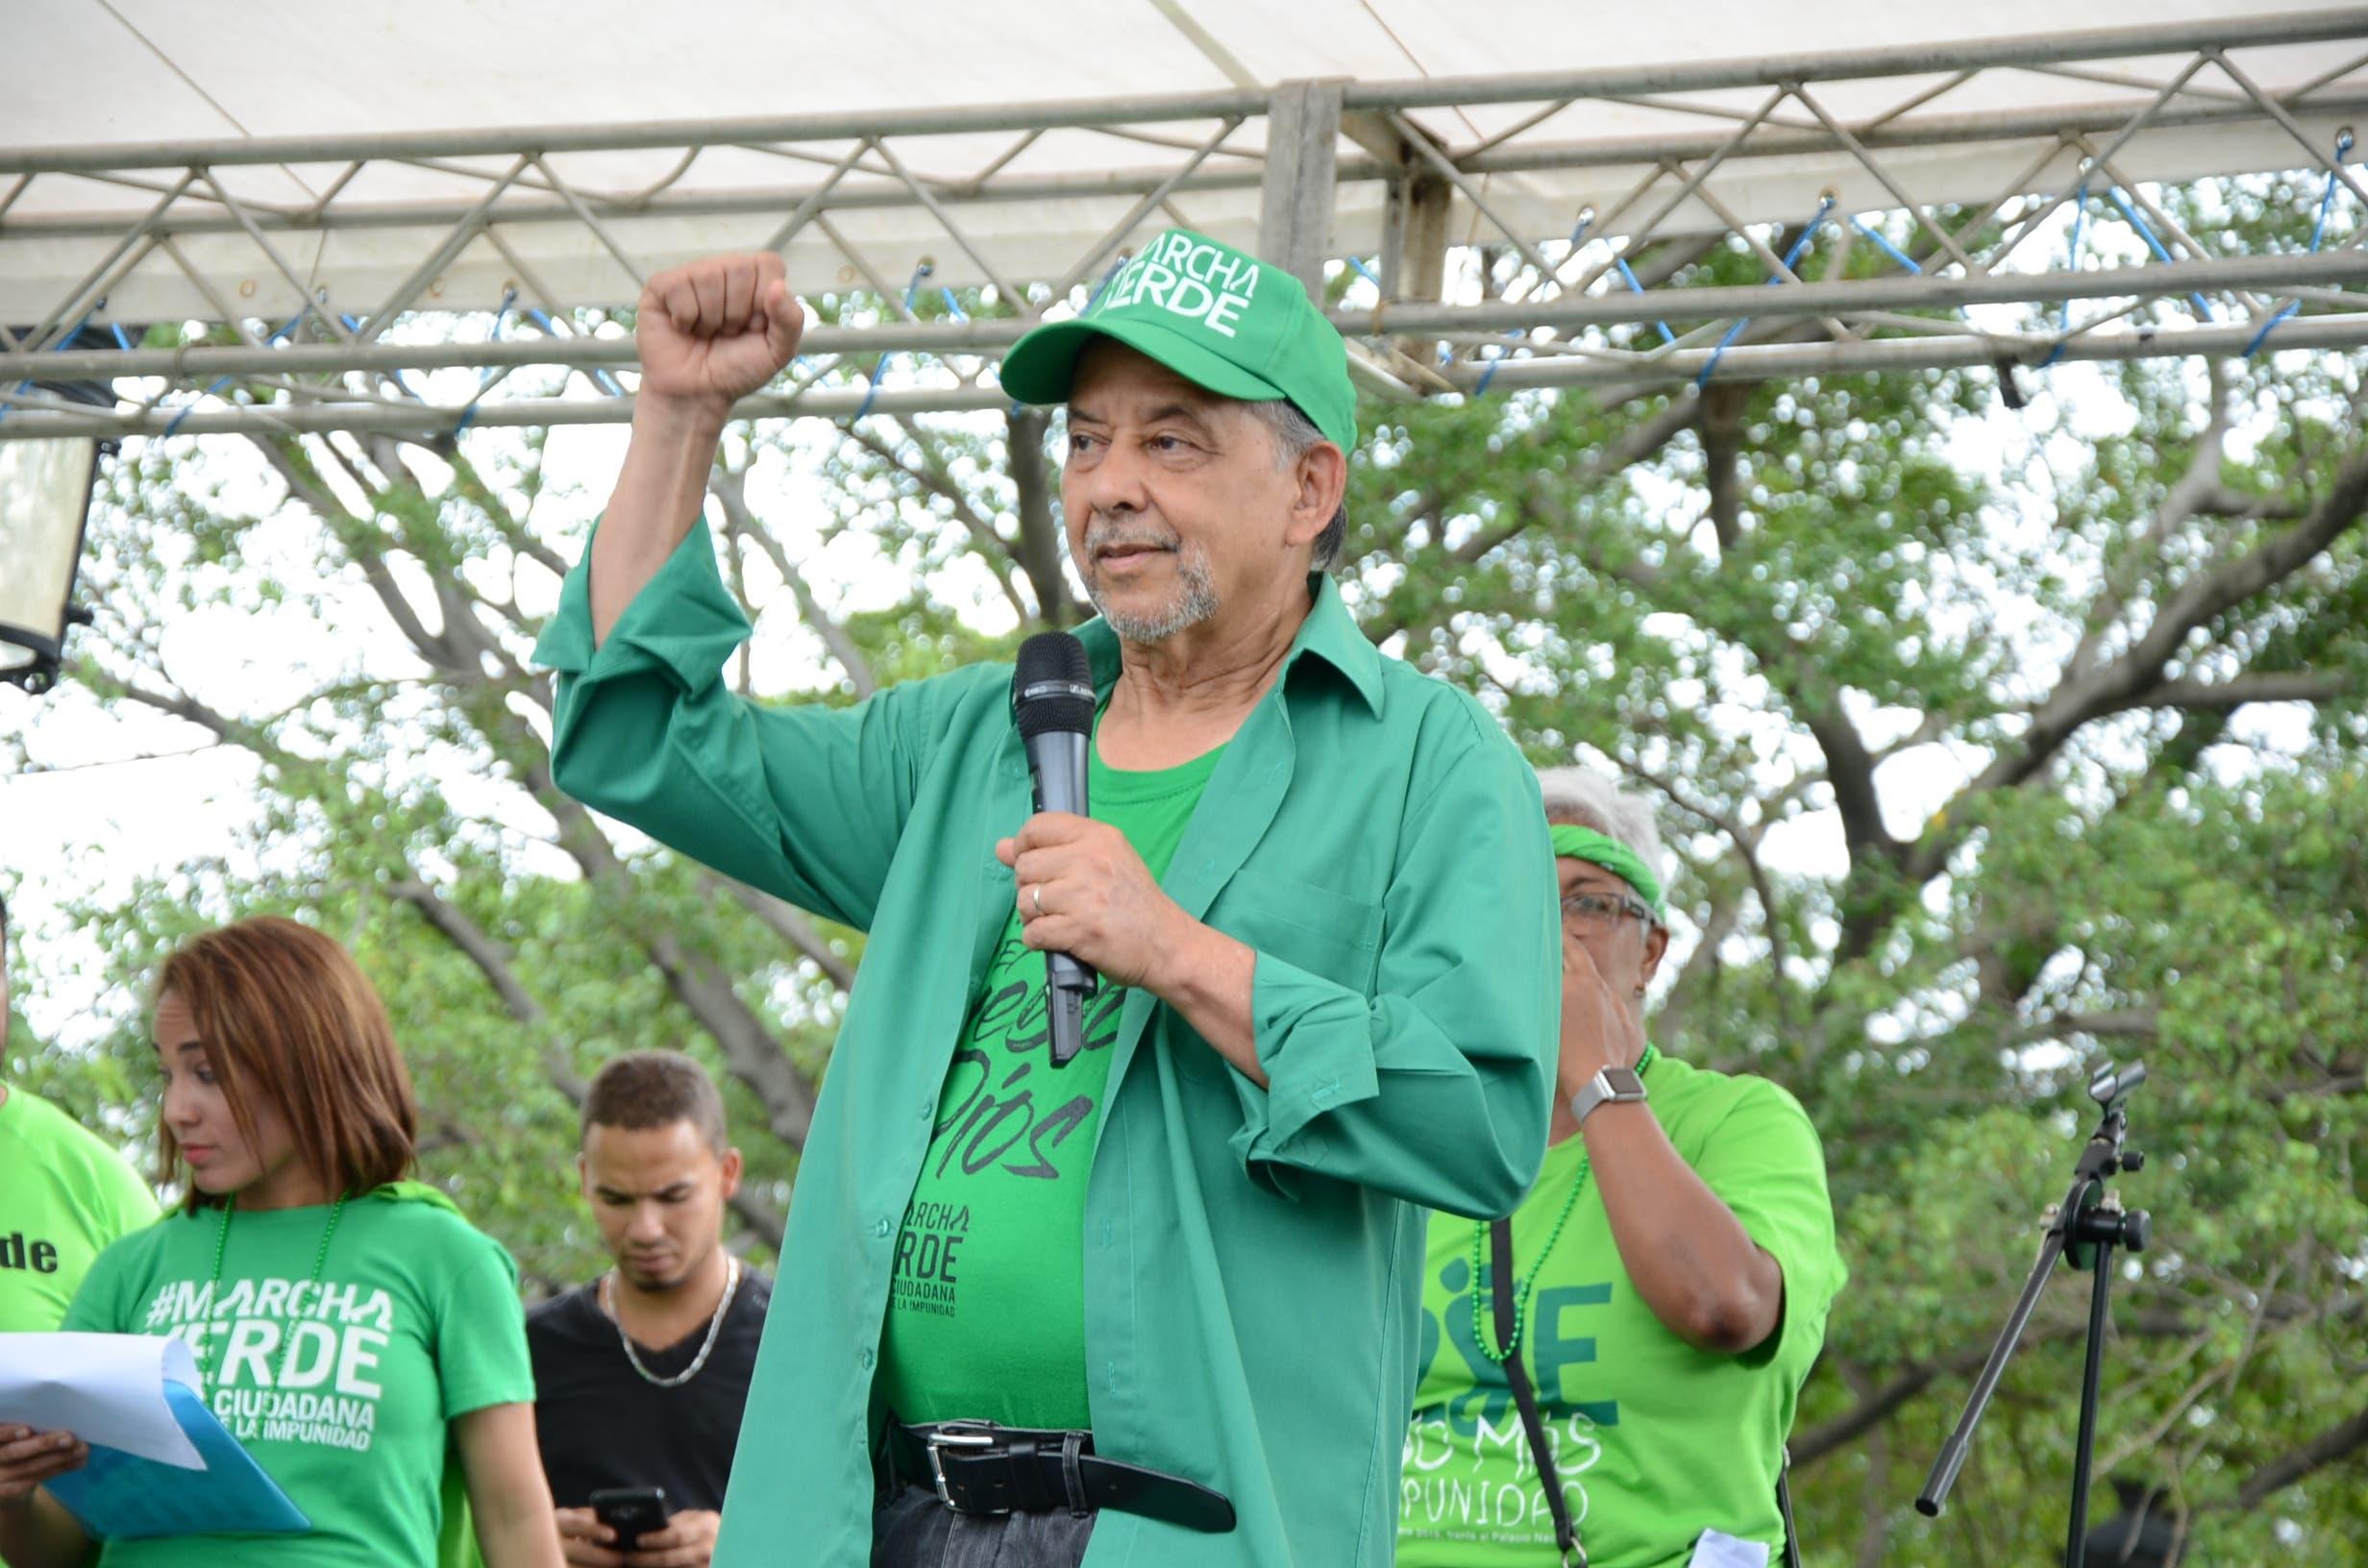 El periodista Huchi Lora en manifestación Marcha Verde. Foto: José de León